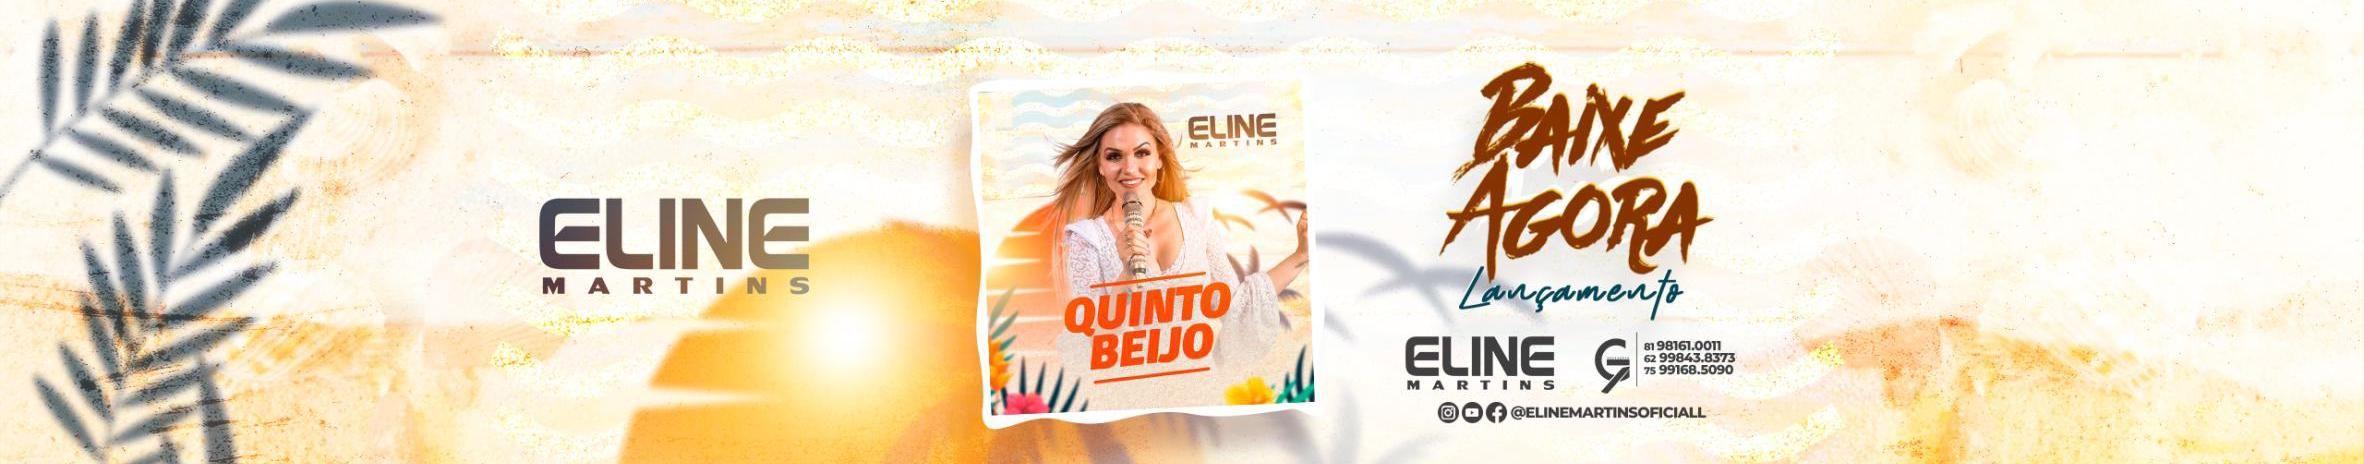 Imagem de capa de Eline Martins